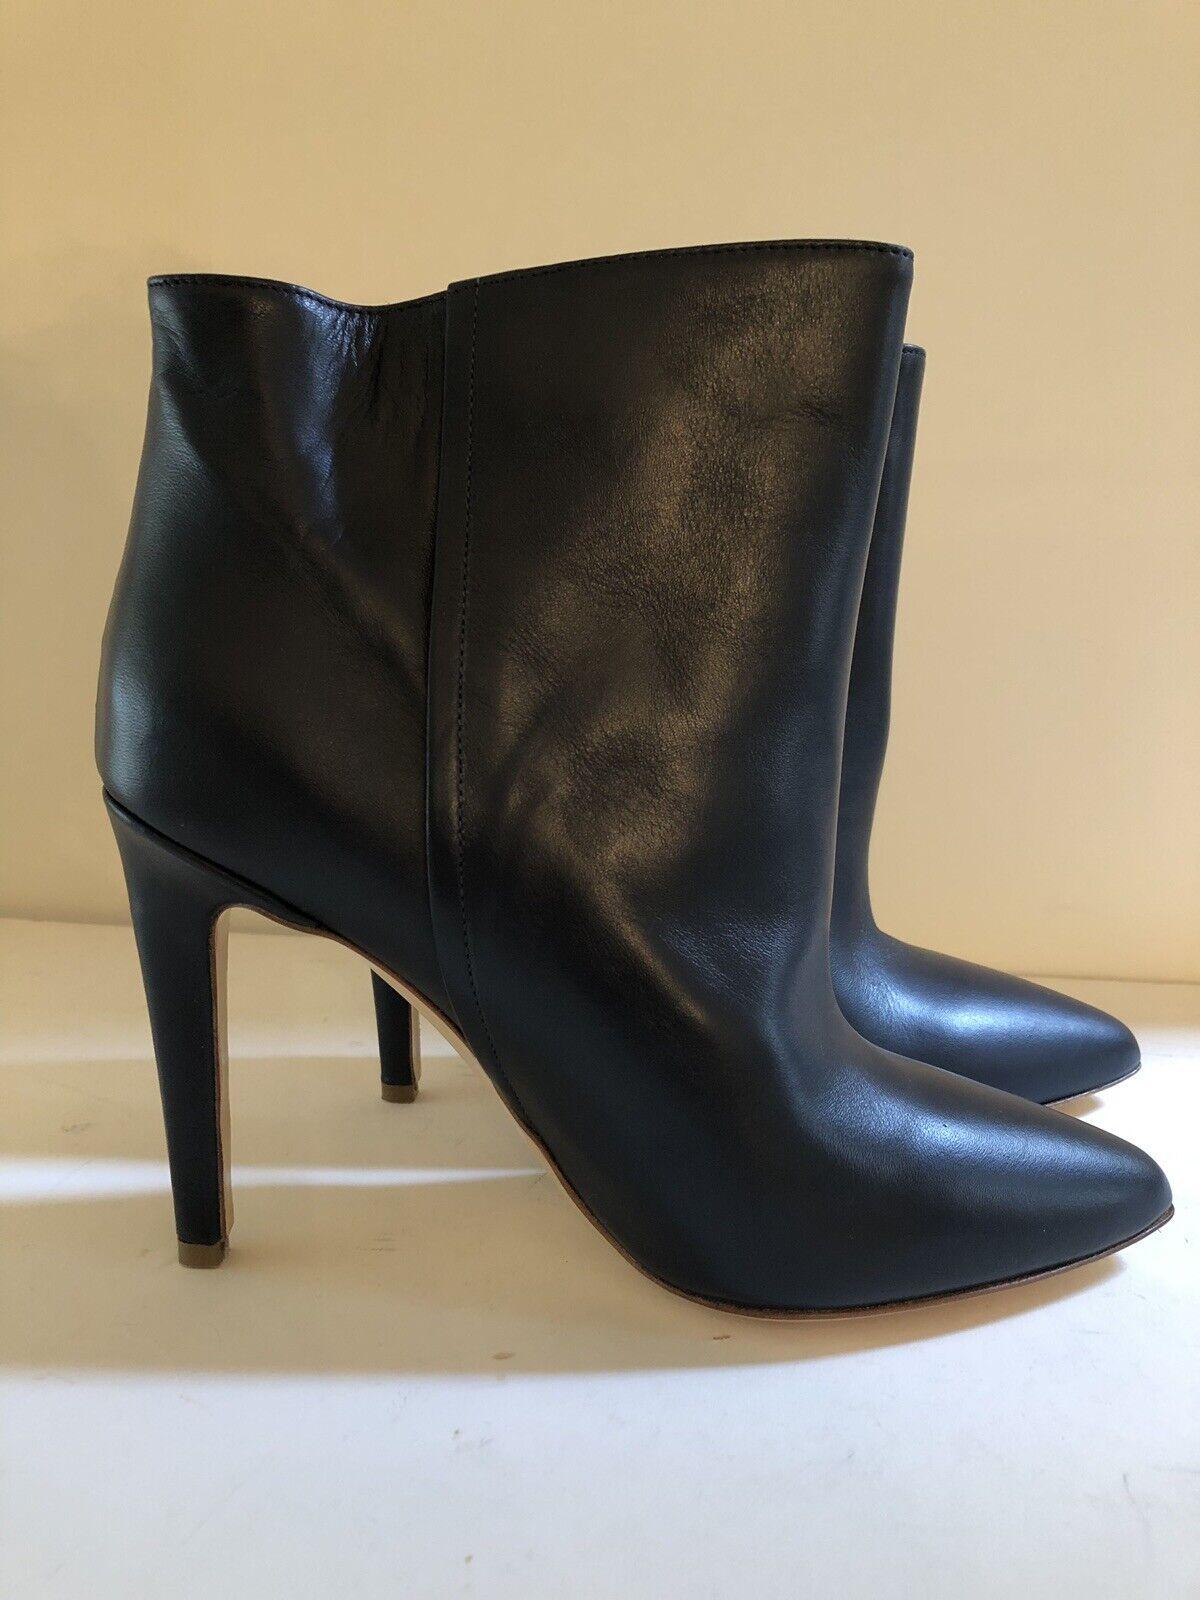 grande vendita NEW Donna by Common Projects Dark Navy High Heel Heel Heel Ankle avvioie Sz 39 US 8.5   Spedizione gratuita per tutti gli ordini